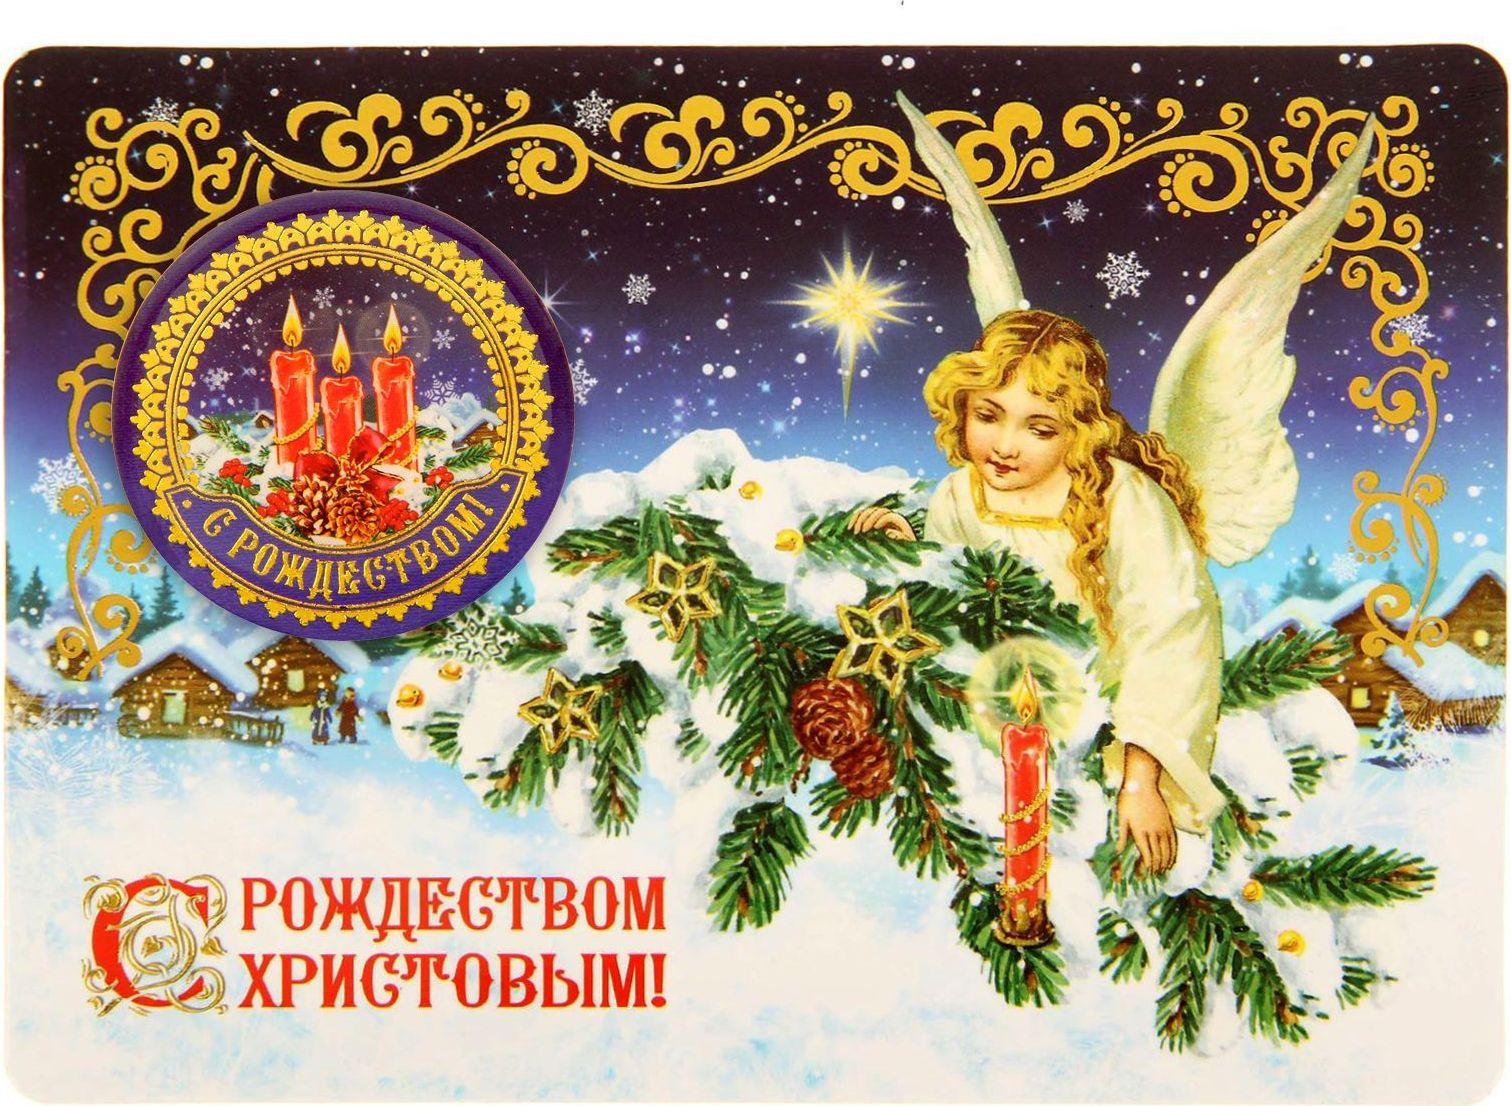 Магнит Sima-land Рождественская композиция, с открыткой, 14,8 х 10,5 см1427305Порадуйте родных и близких оригинальным сувениром: преподнесите в подарок магнит. С ним даже самый серьезный человек почувствует себя ребенком, ожидающим чудо! Прикрепите его к любой металлической поверхности, и он удержит на виду важные записки, любовные послания или просто список продуктов.Создайте праздничное настроение, и оно останется с вами на весь год.